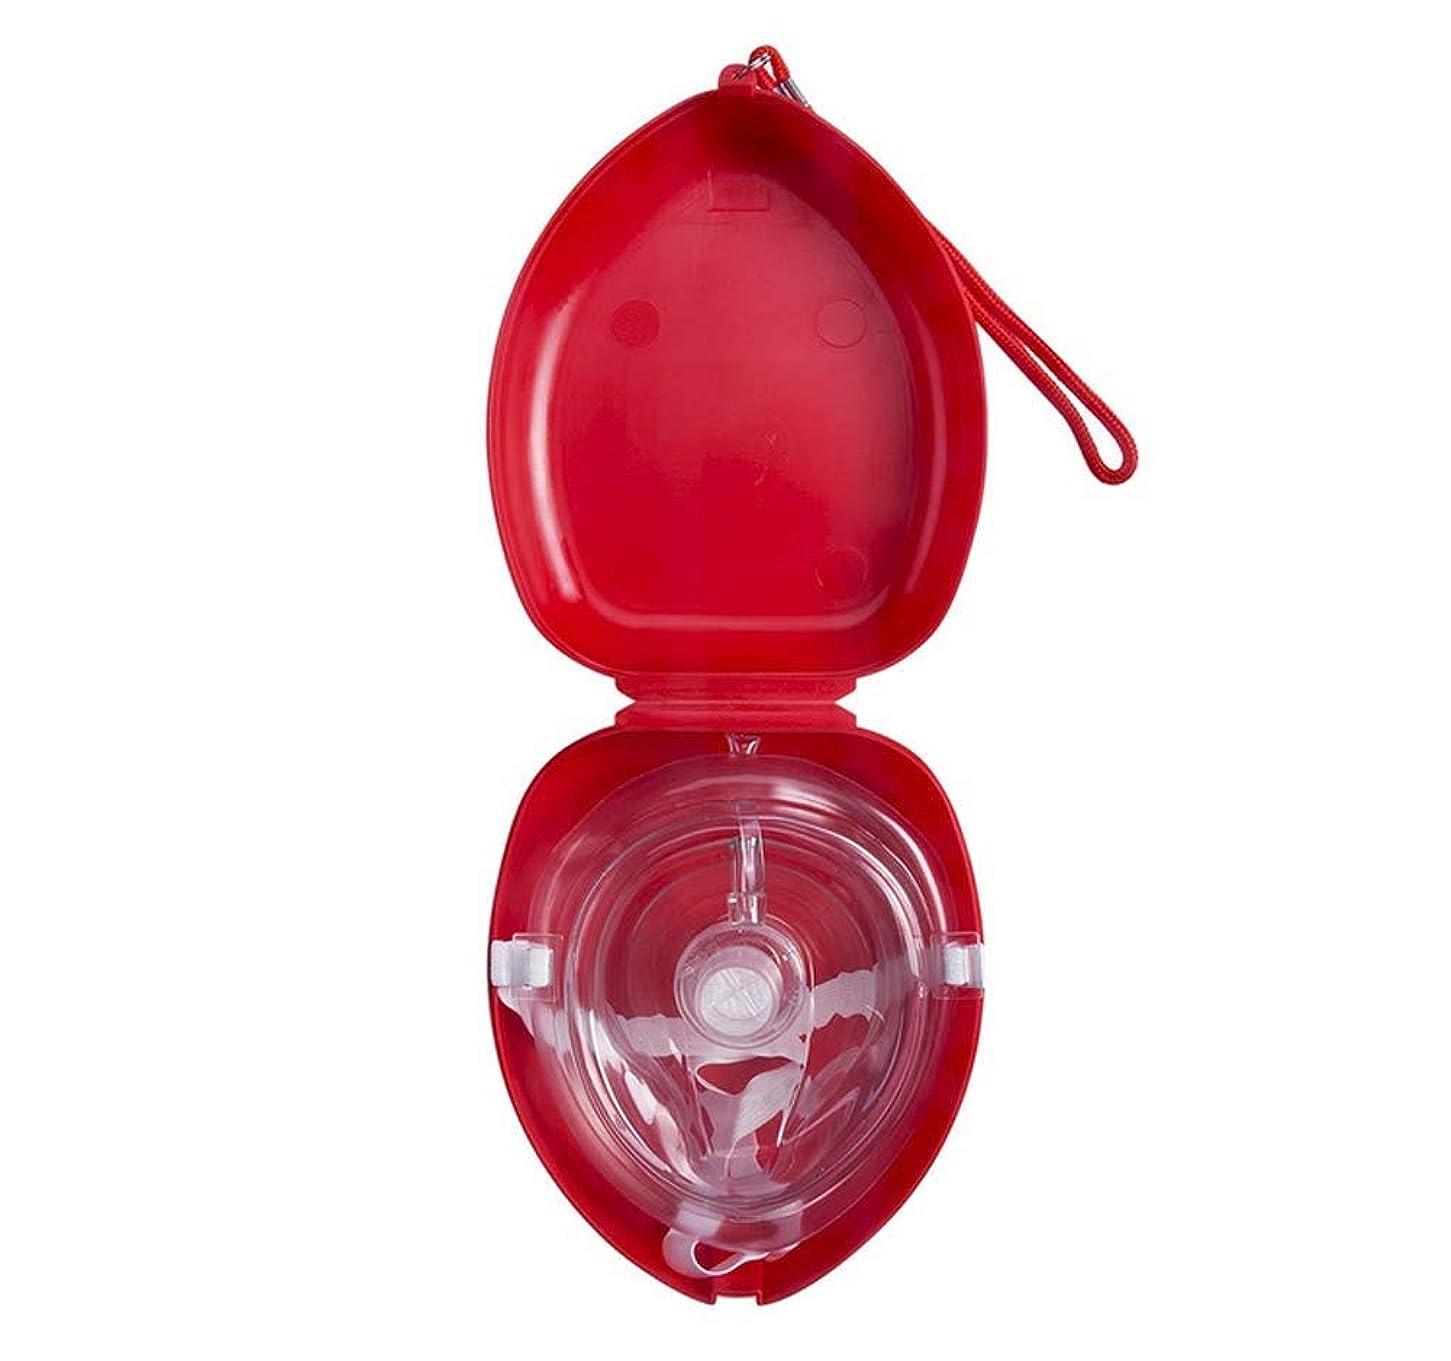 アブセイ検査自発的応急処置 回復 CPRマスク 顔面鼻バリア 携帯用感染防止マスク 家族旅行、アウトドア、旅行 (ワンサイズ)